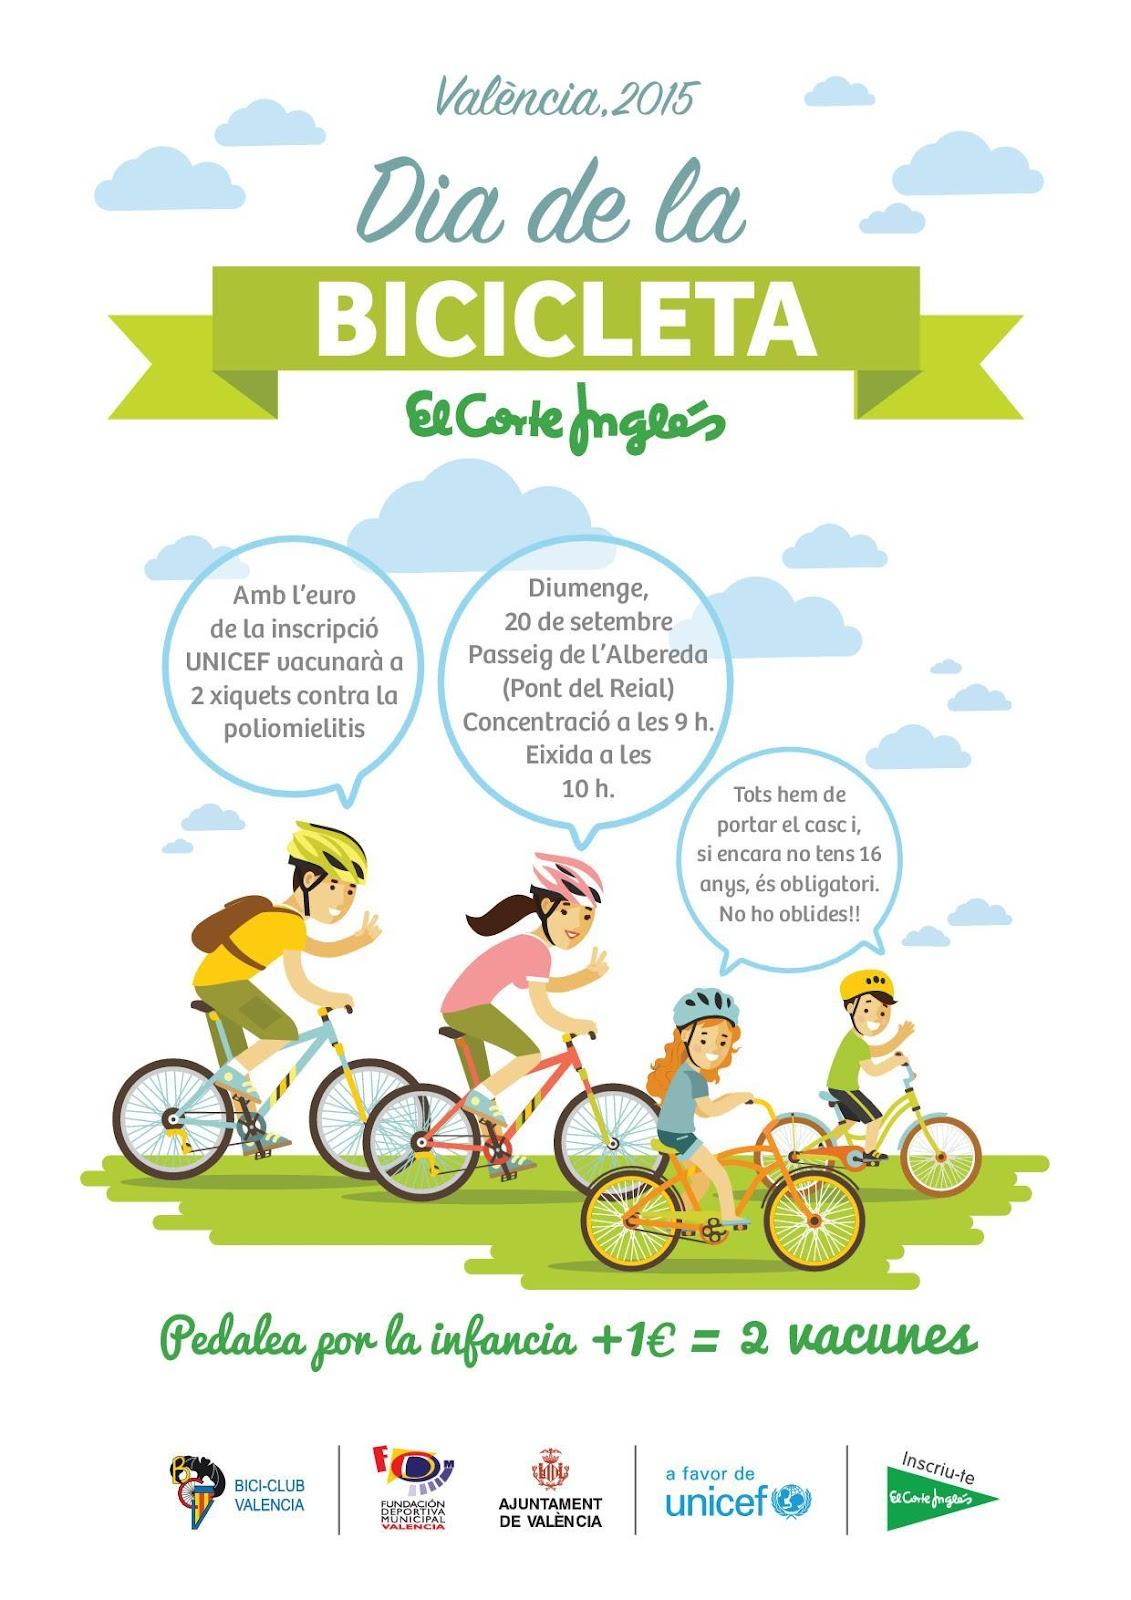 19 edicioìn diìa de la bicicleta - Cartel_v2 - previo